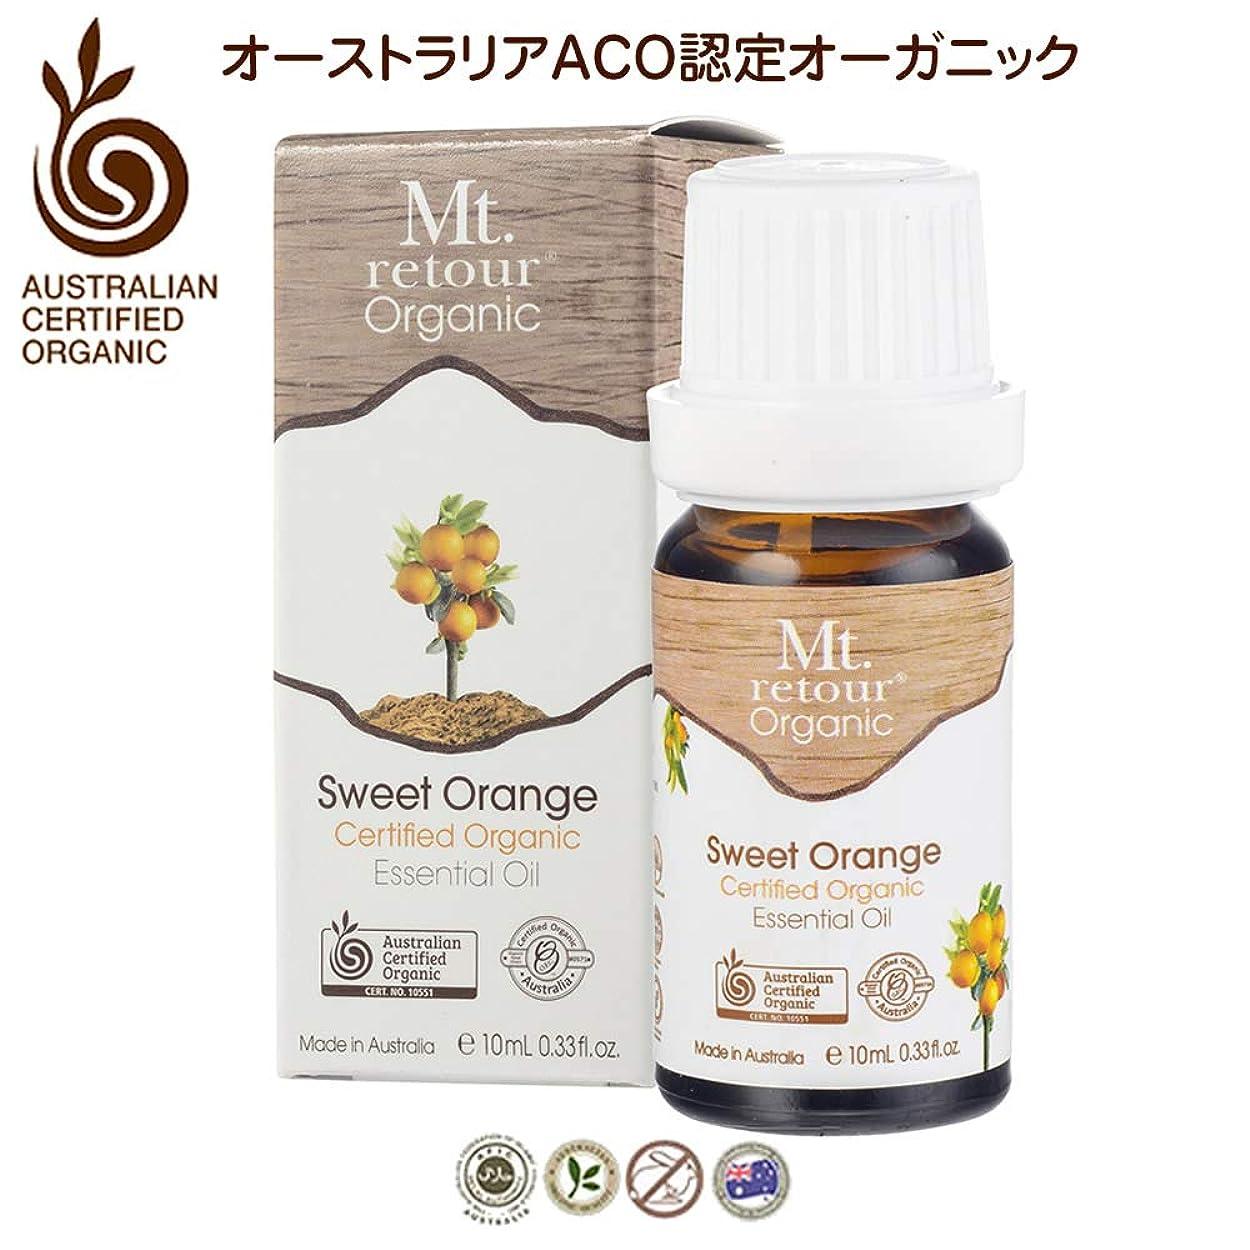 人気発音首相Mt. retour ACO認定オーガニック オレンジスイート 10ml エッセンシャルオイル(無農薬有機)アロマ